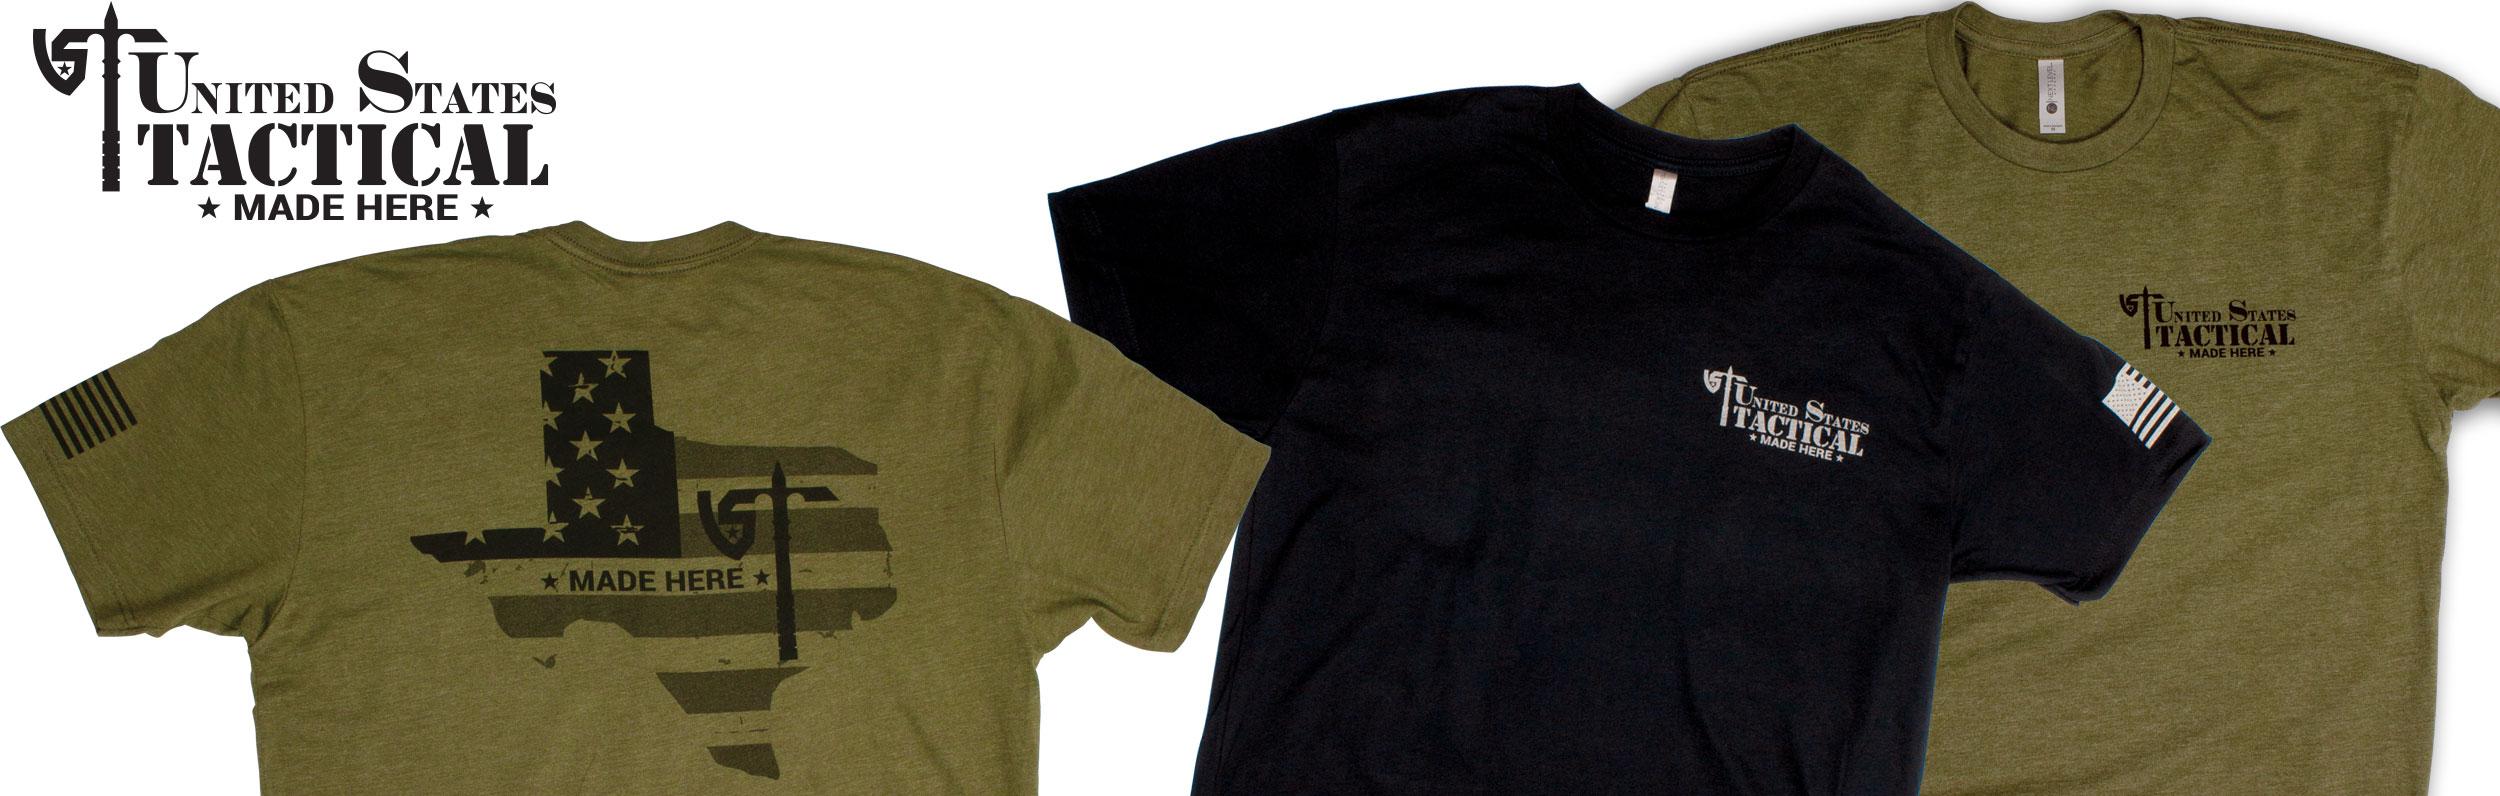 tshirts-banner-2.jpg